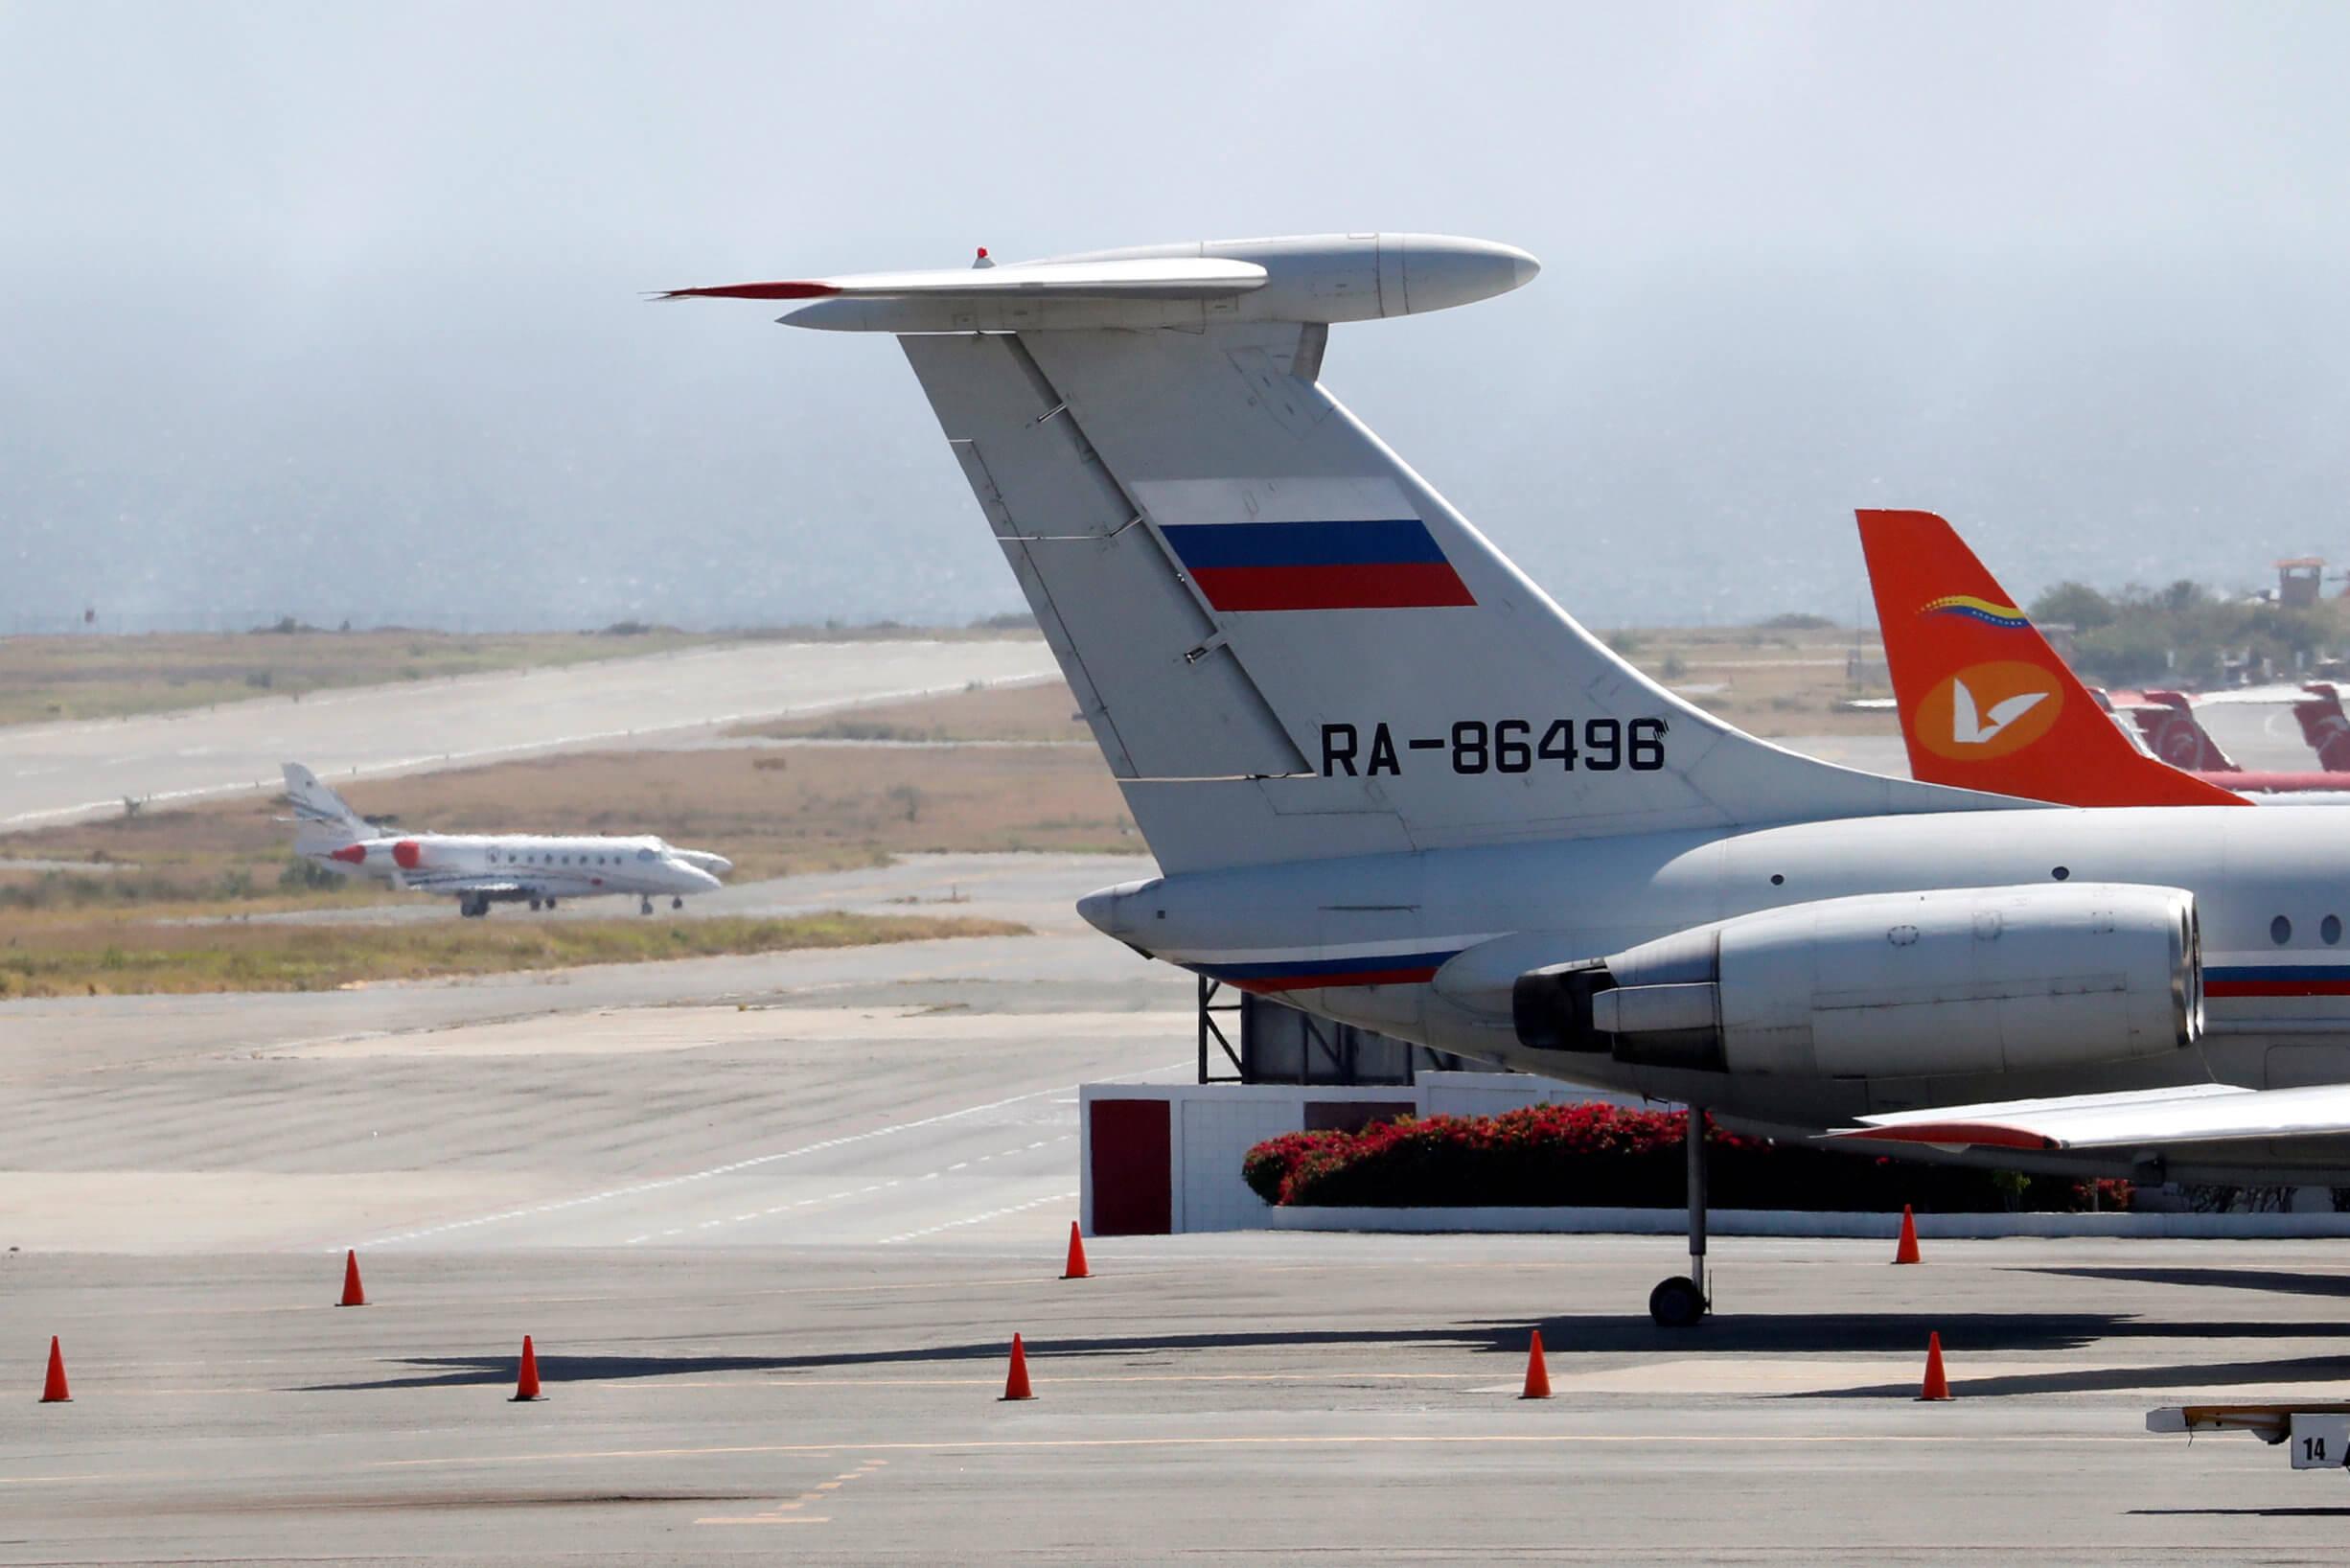 Βενεζουέλα: Εξηγήσεις της Μόσχας για την παρουσία Ρώσων στρατιωτικών